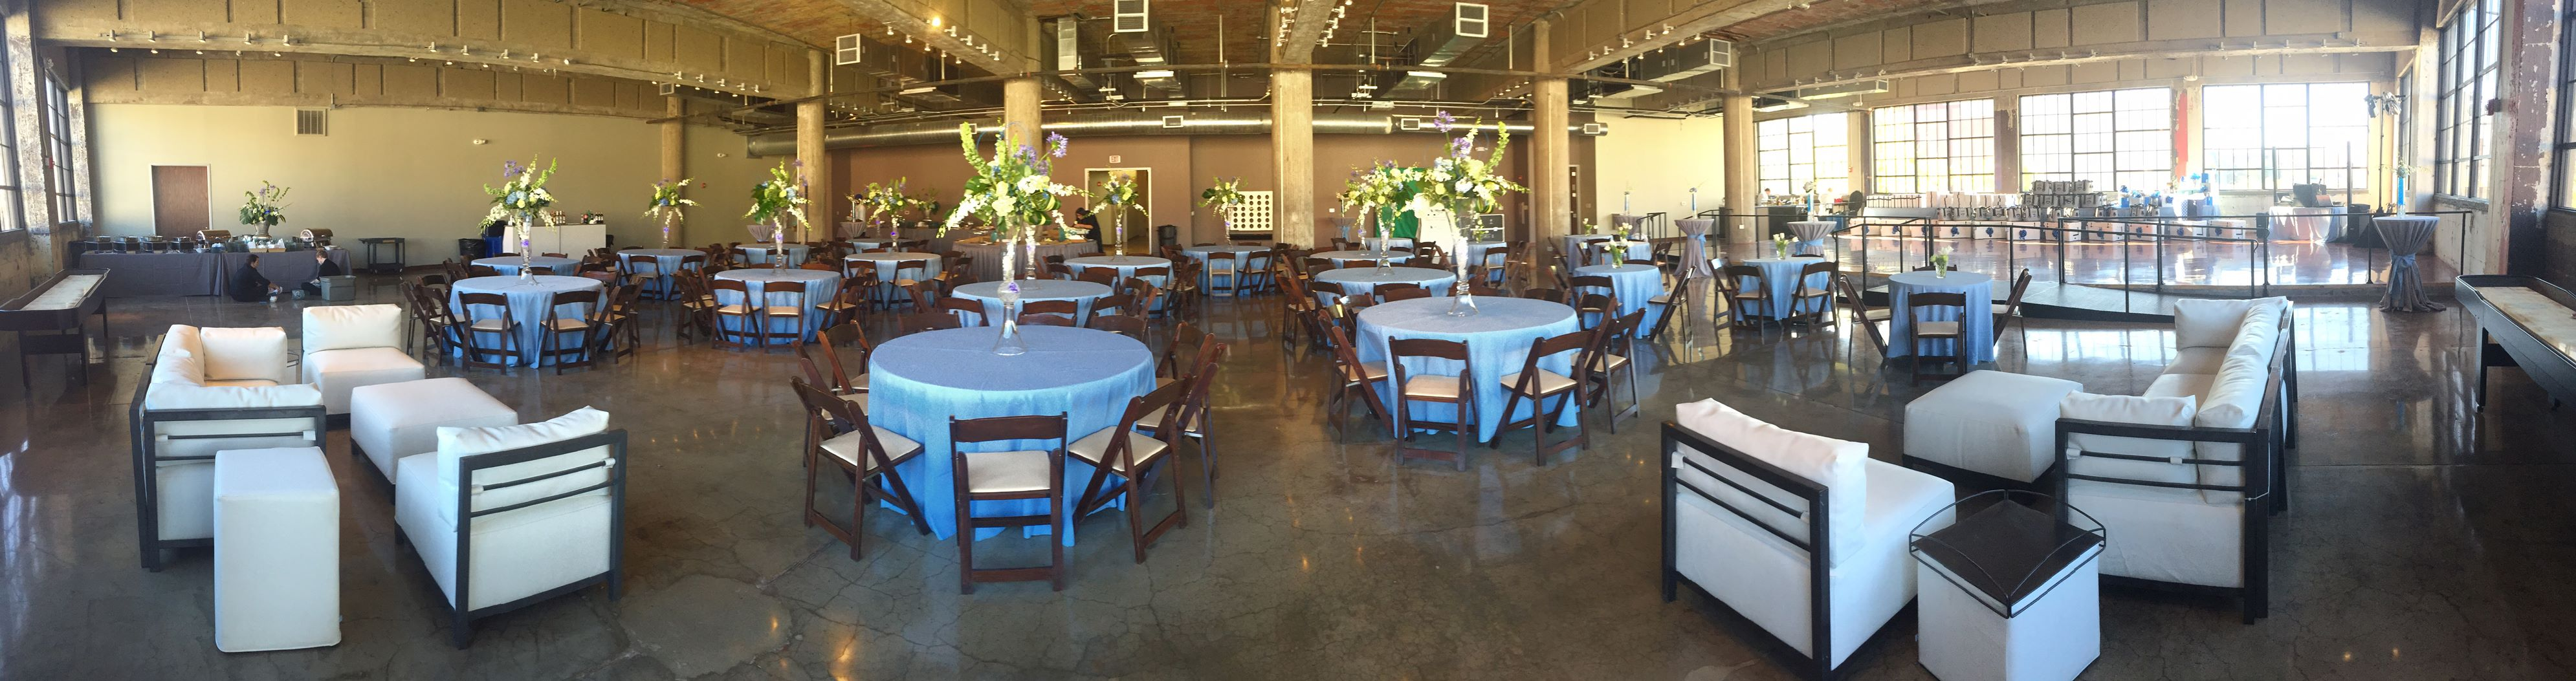 601 Spring Event Center interior